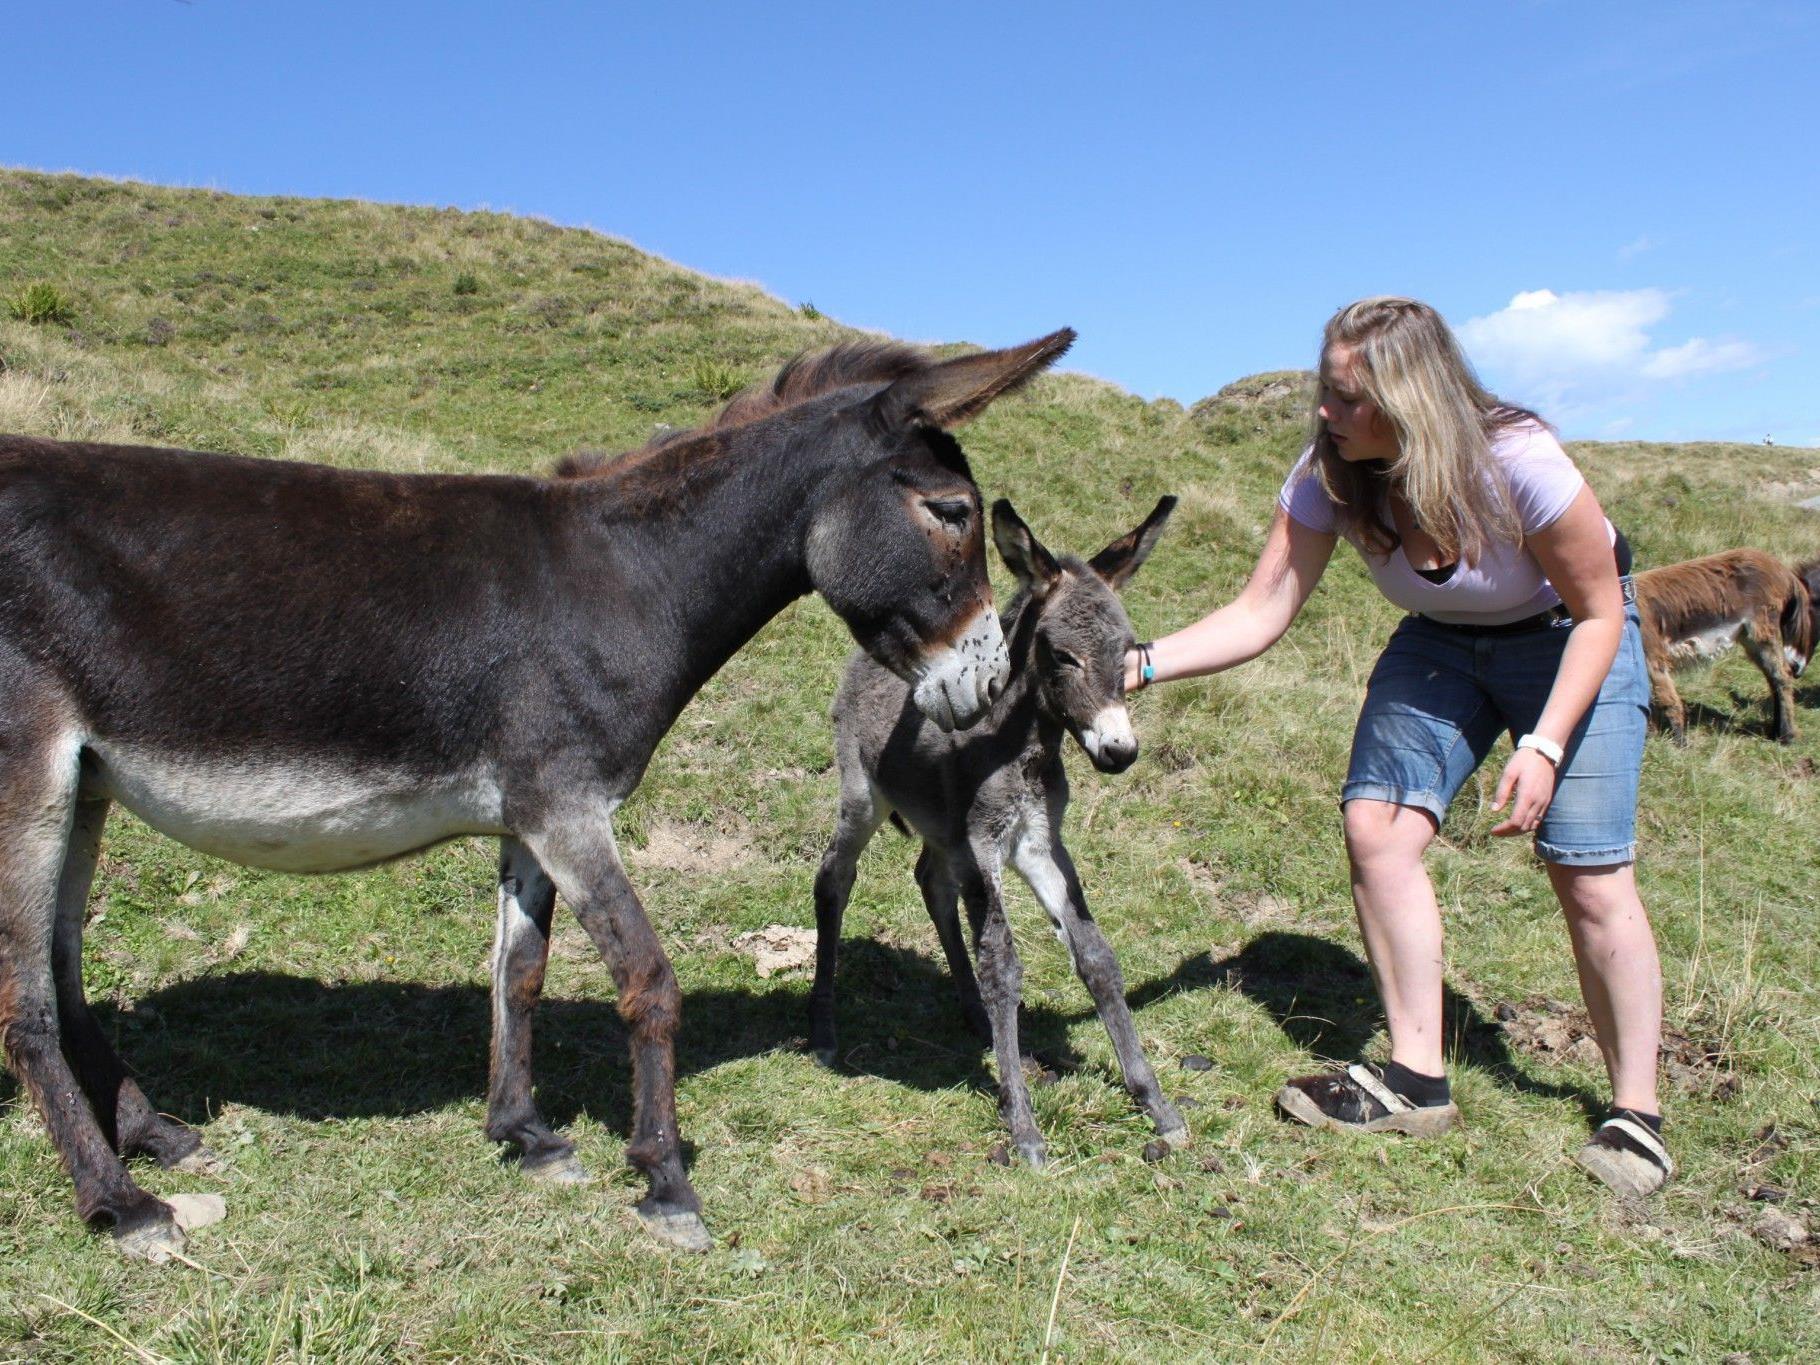 """Alpwirtin Anja Cäser kümmert sich um das wenige Stunden alte Eselfohlen """"Winnie"""" und dessen Mutter."""